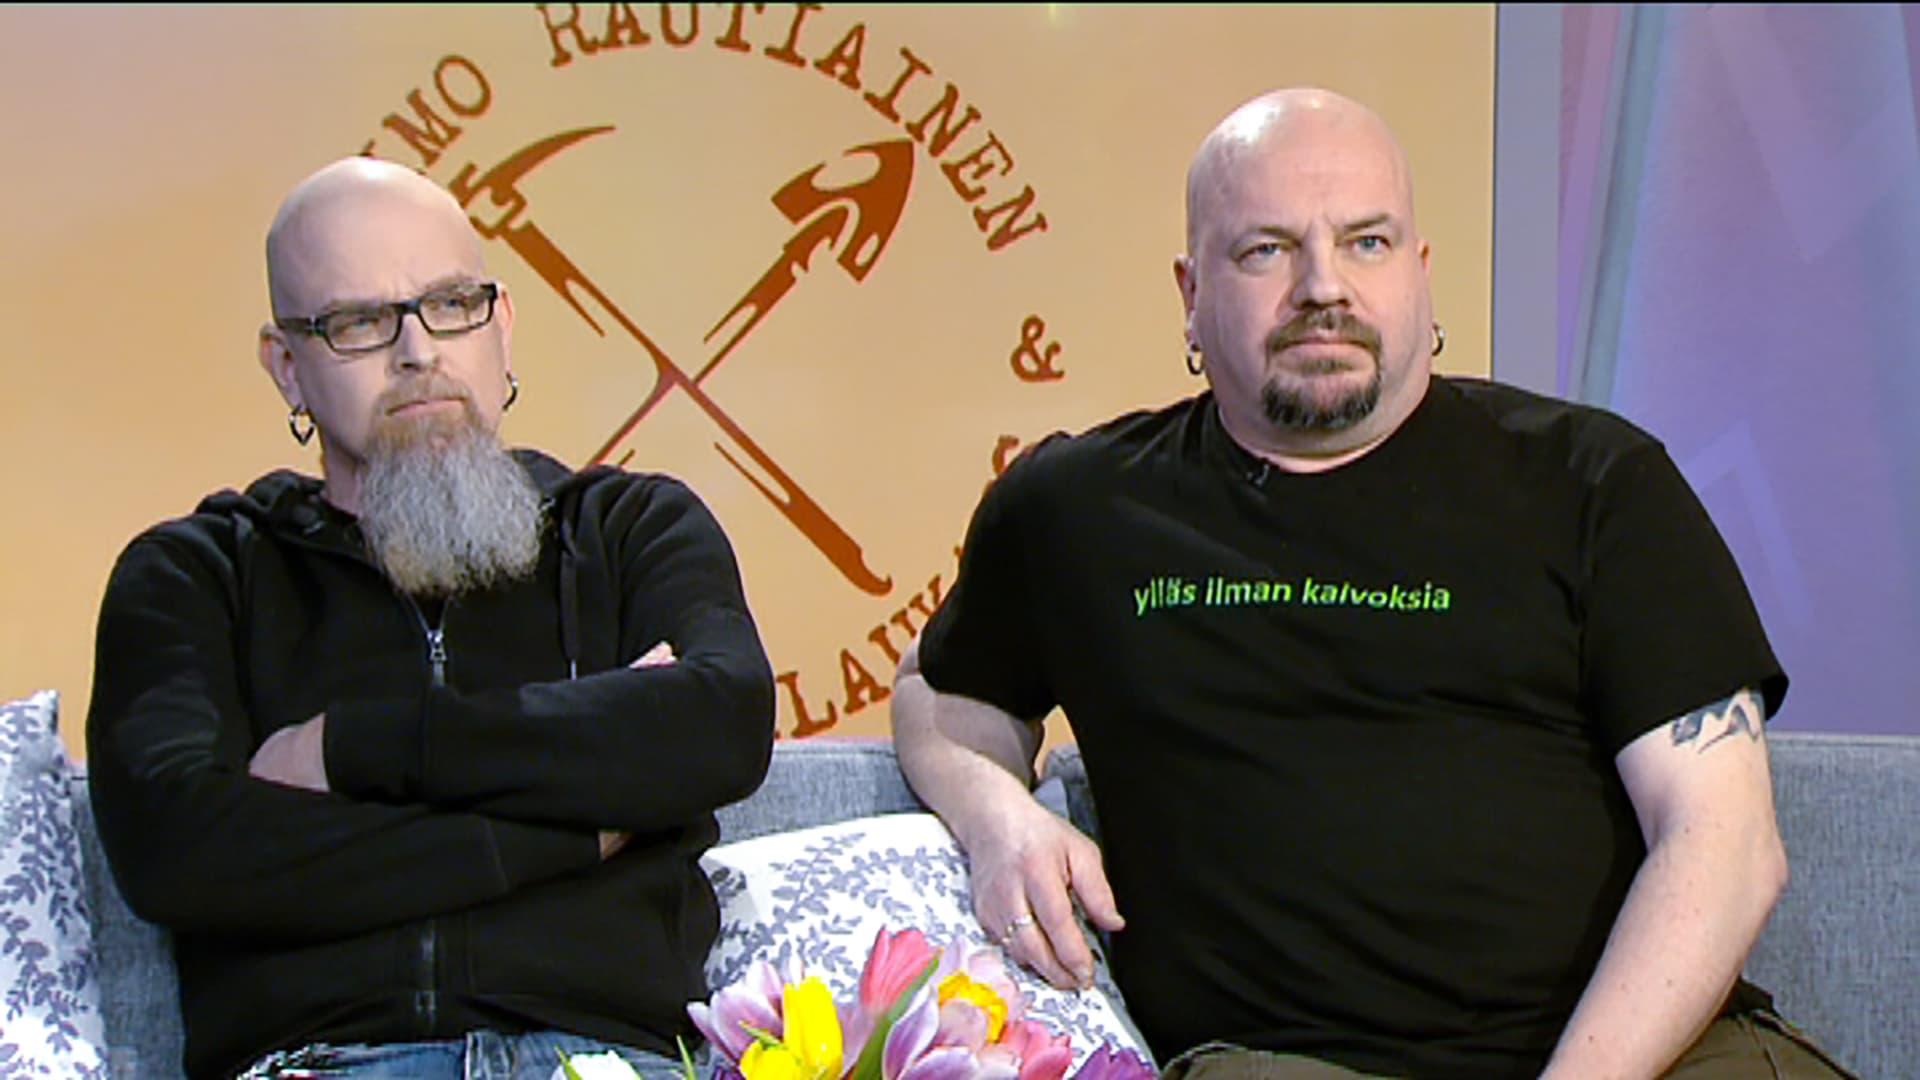 Jari Huttunen ja Timo Rautiainen, Trio Niskalaukaus.